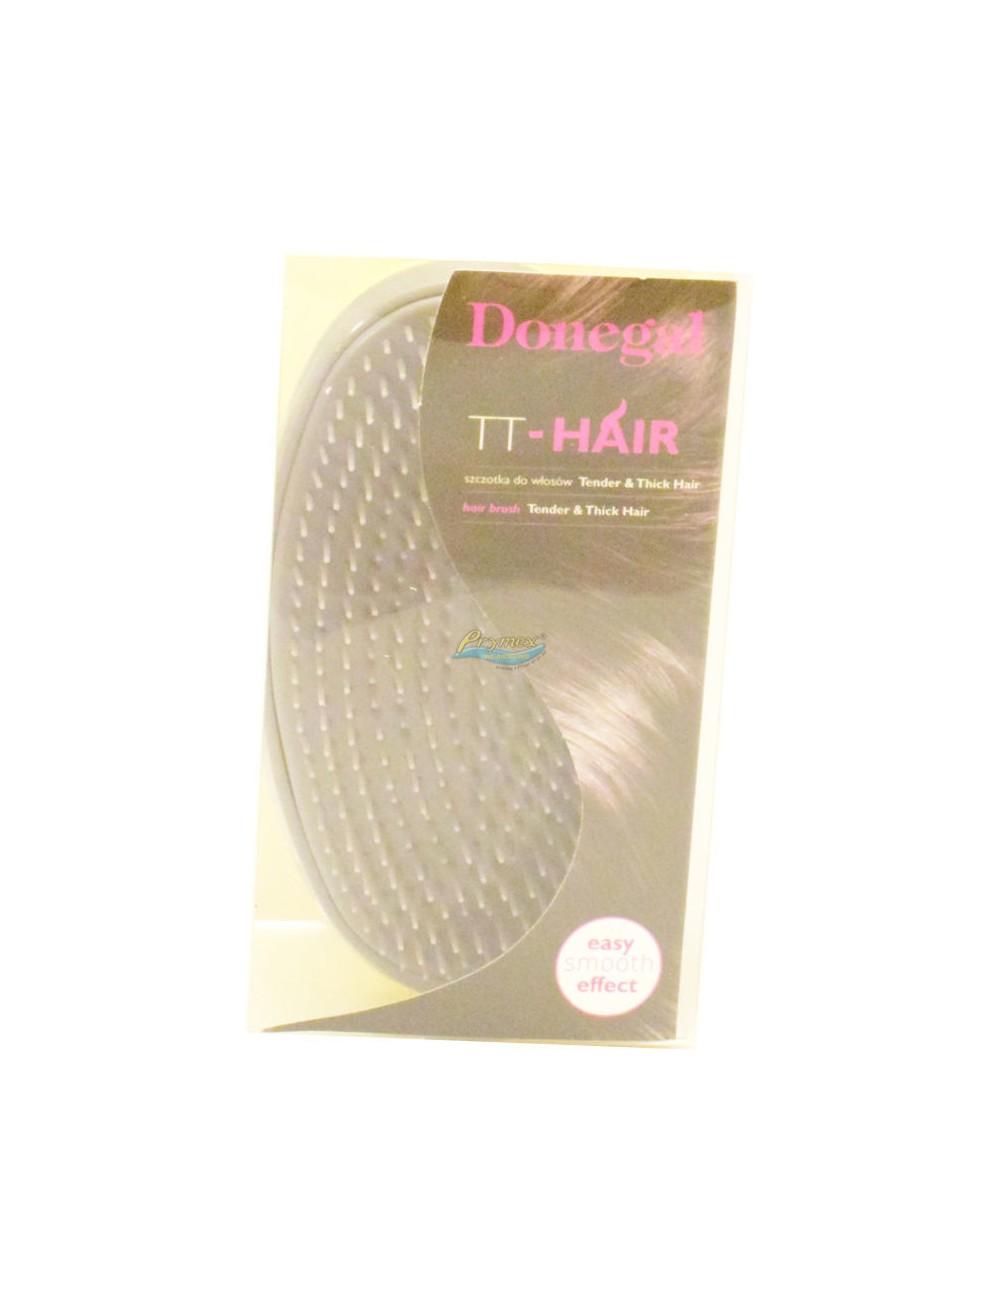 Donegal Hair Brush 1231 Szczotka do Włosów TT-Hair 1 szt – do profesjonalnej pielęgnacji włosów